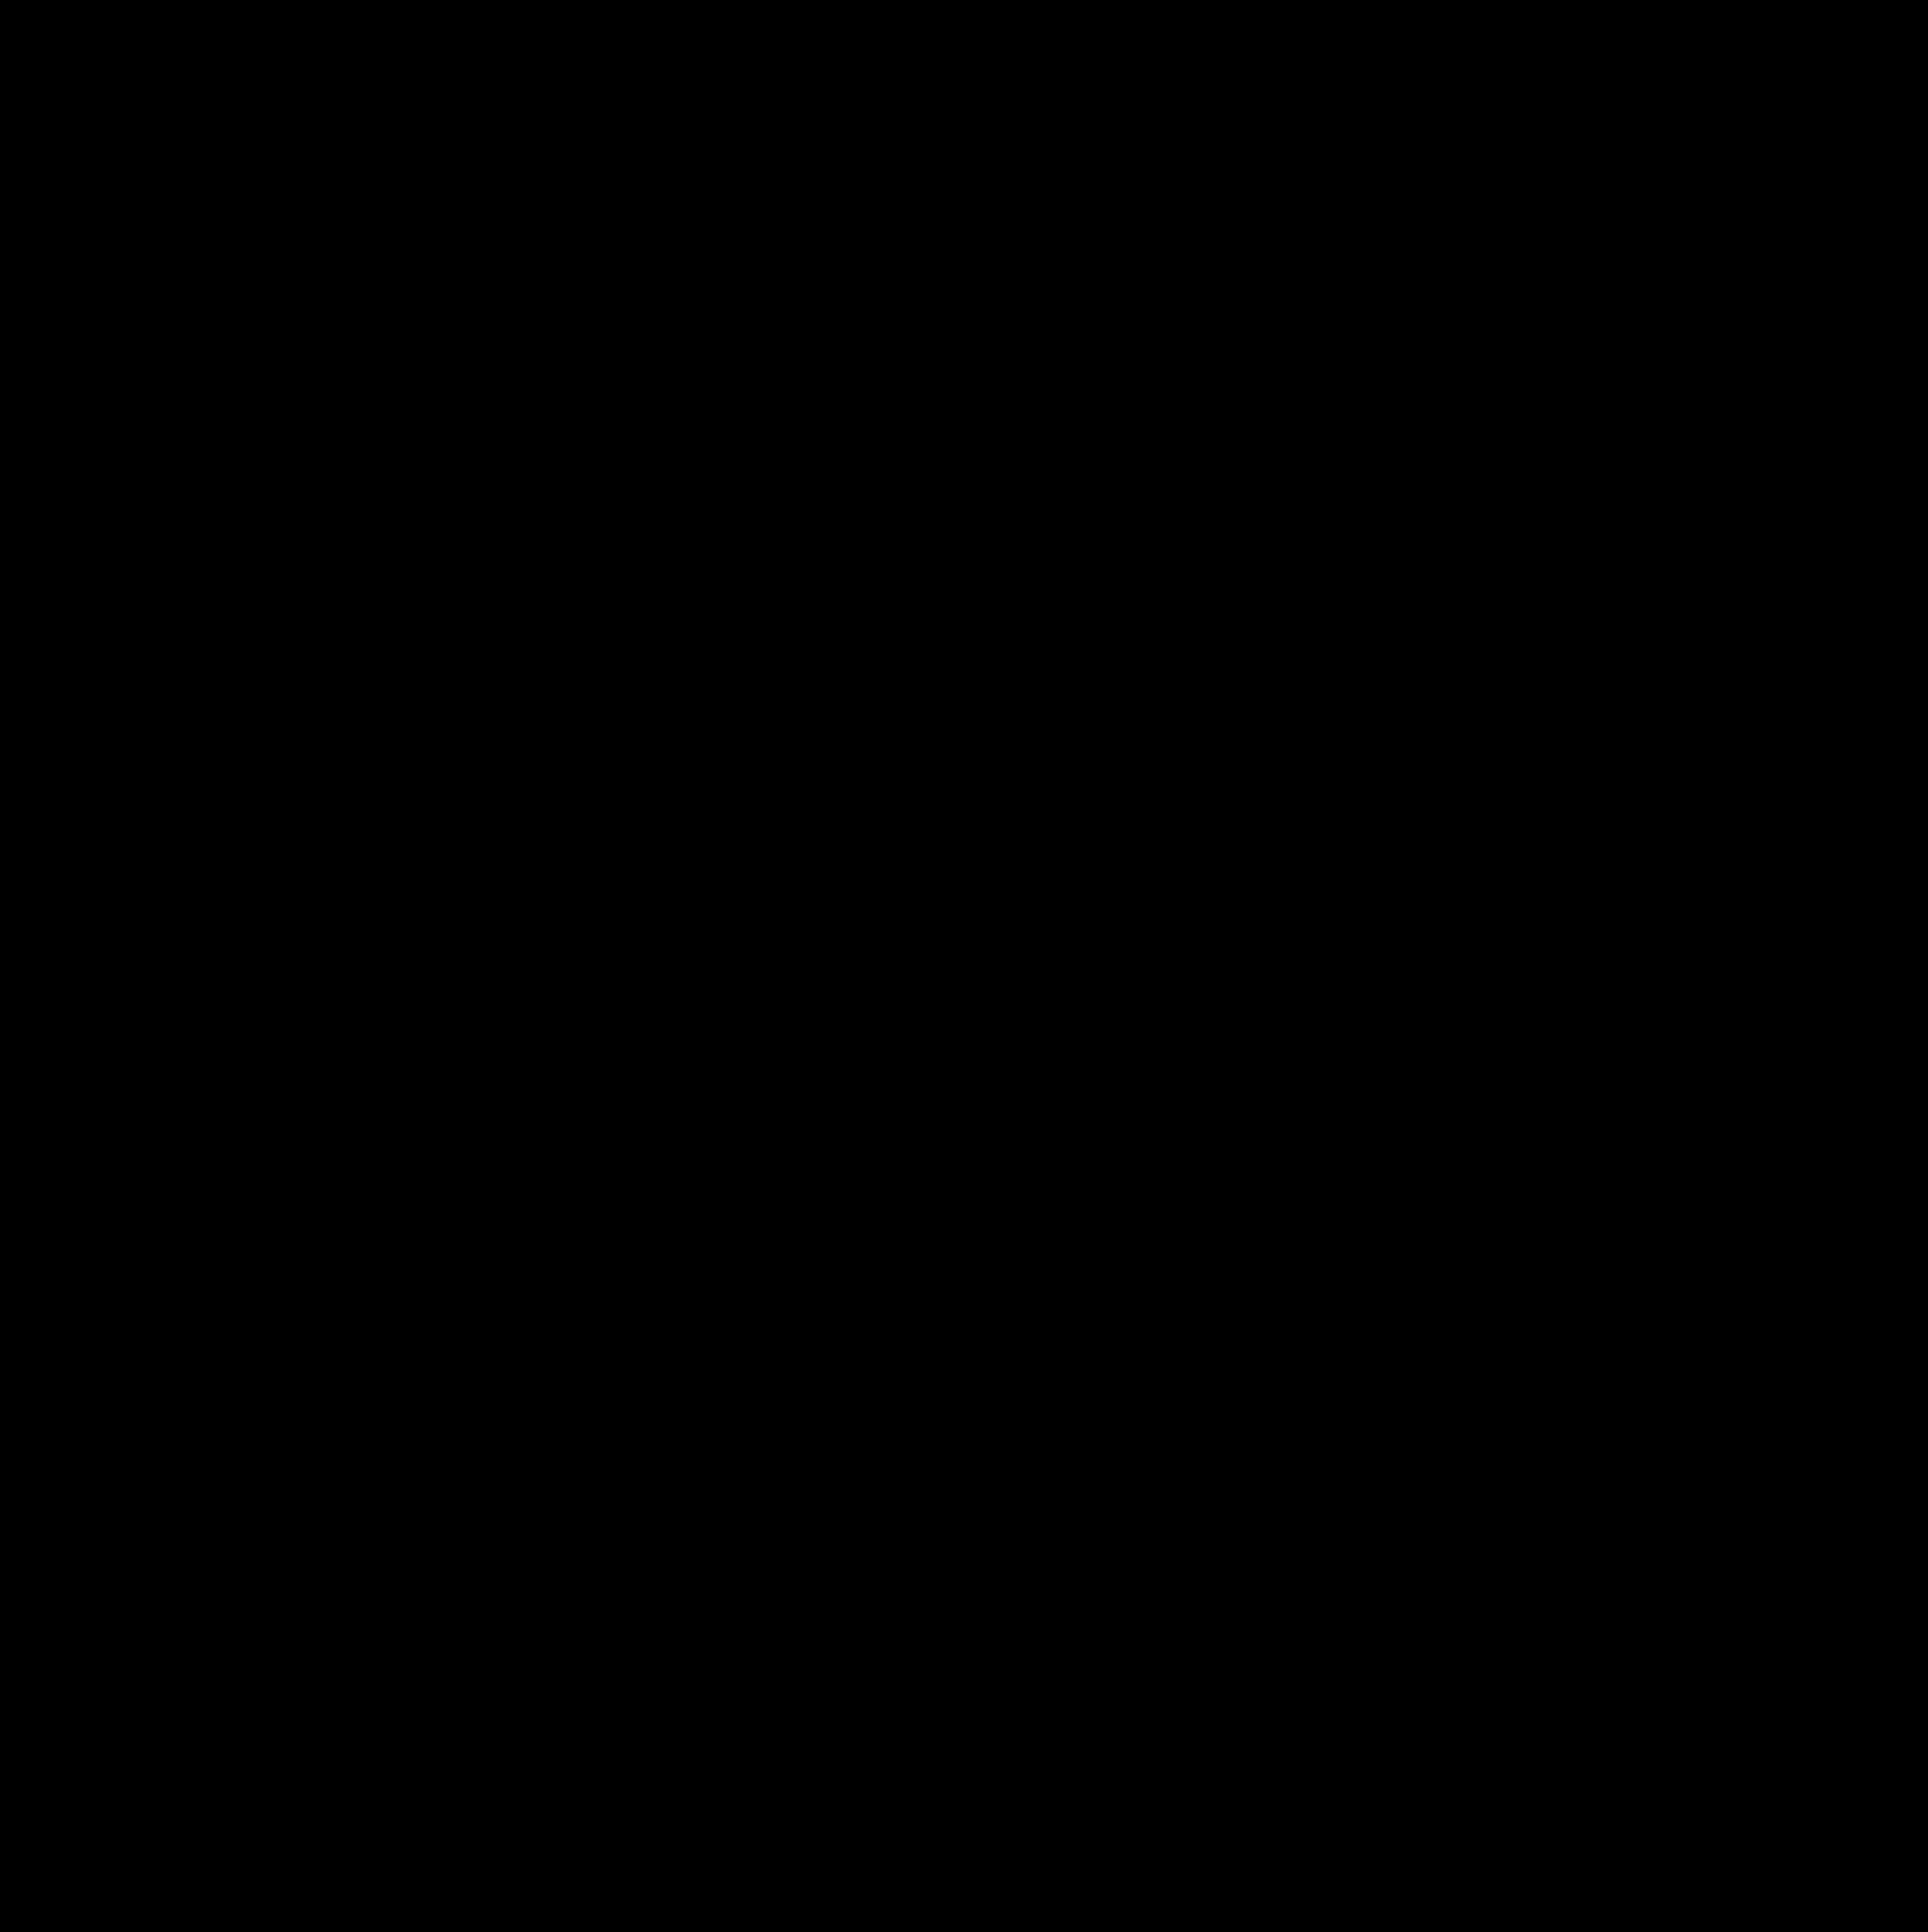 Number 3 Clipart Outline Number 3 Outline Transparent